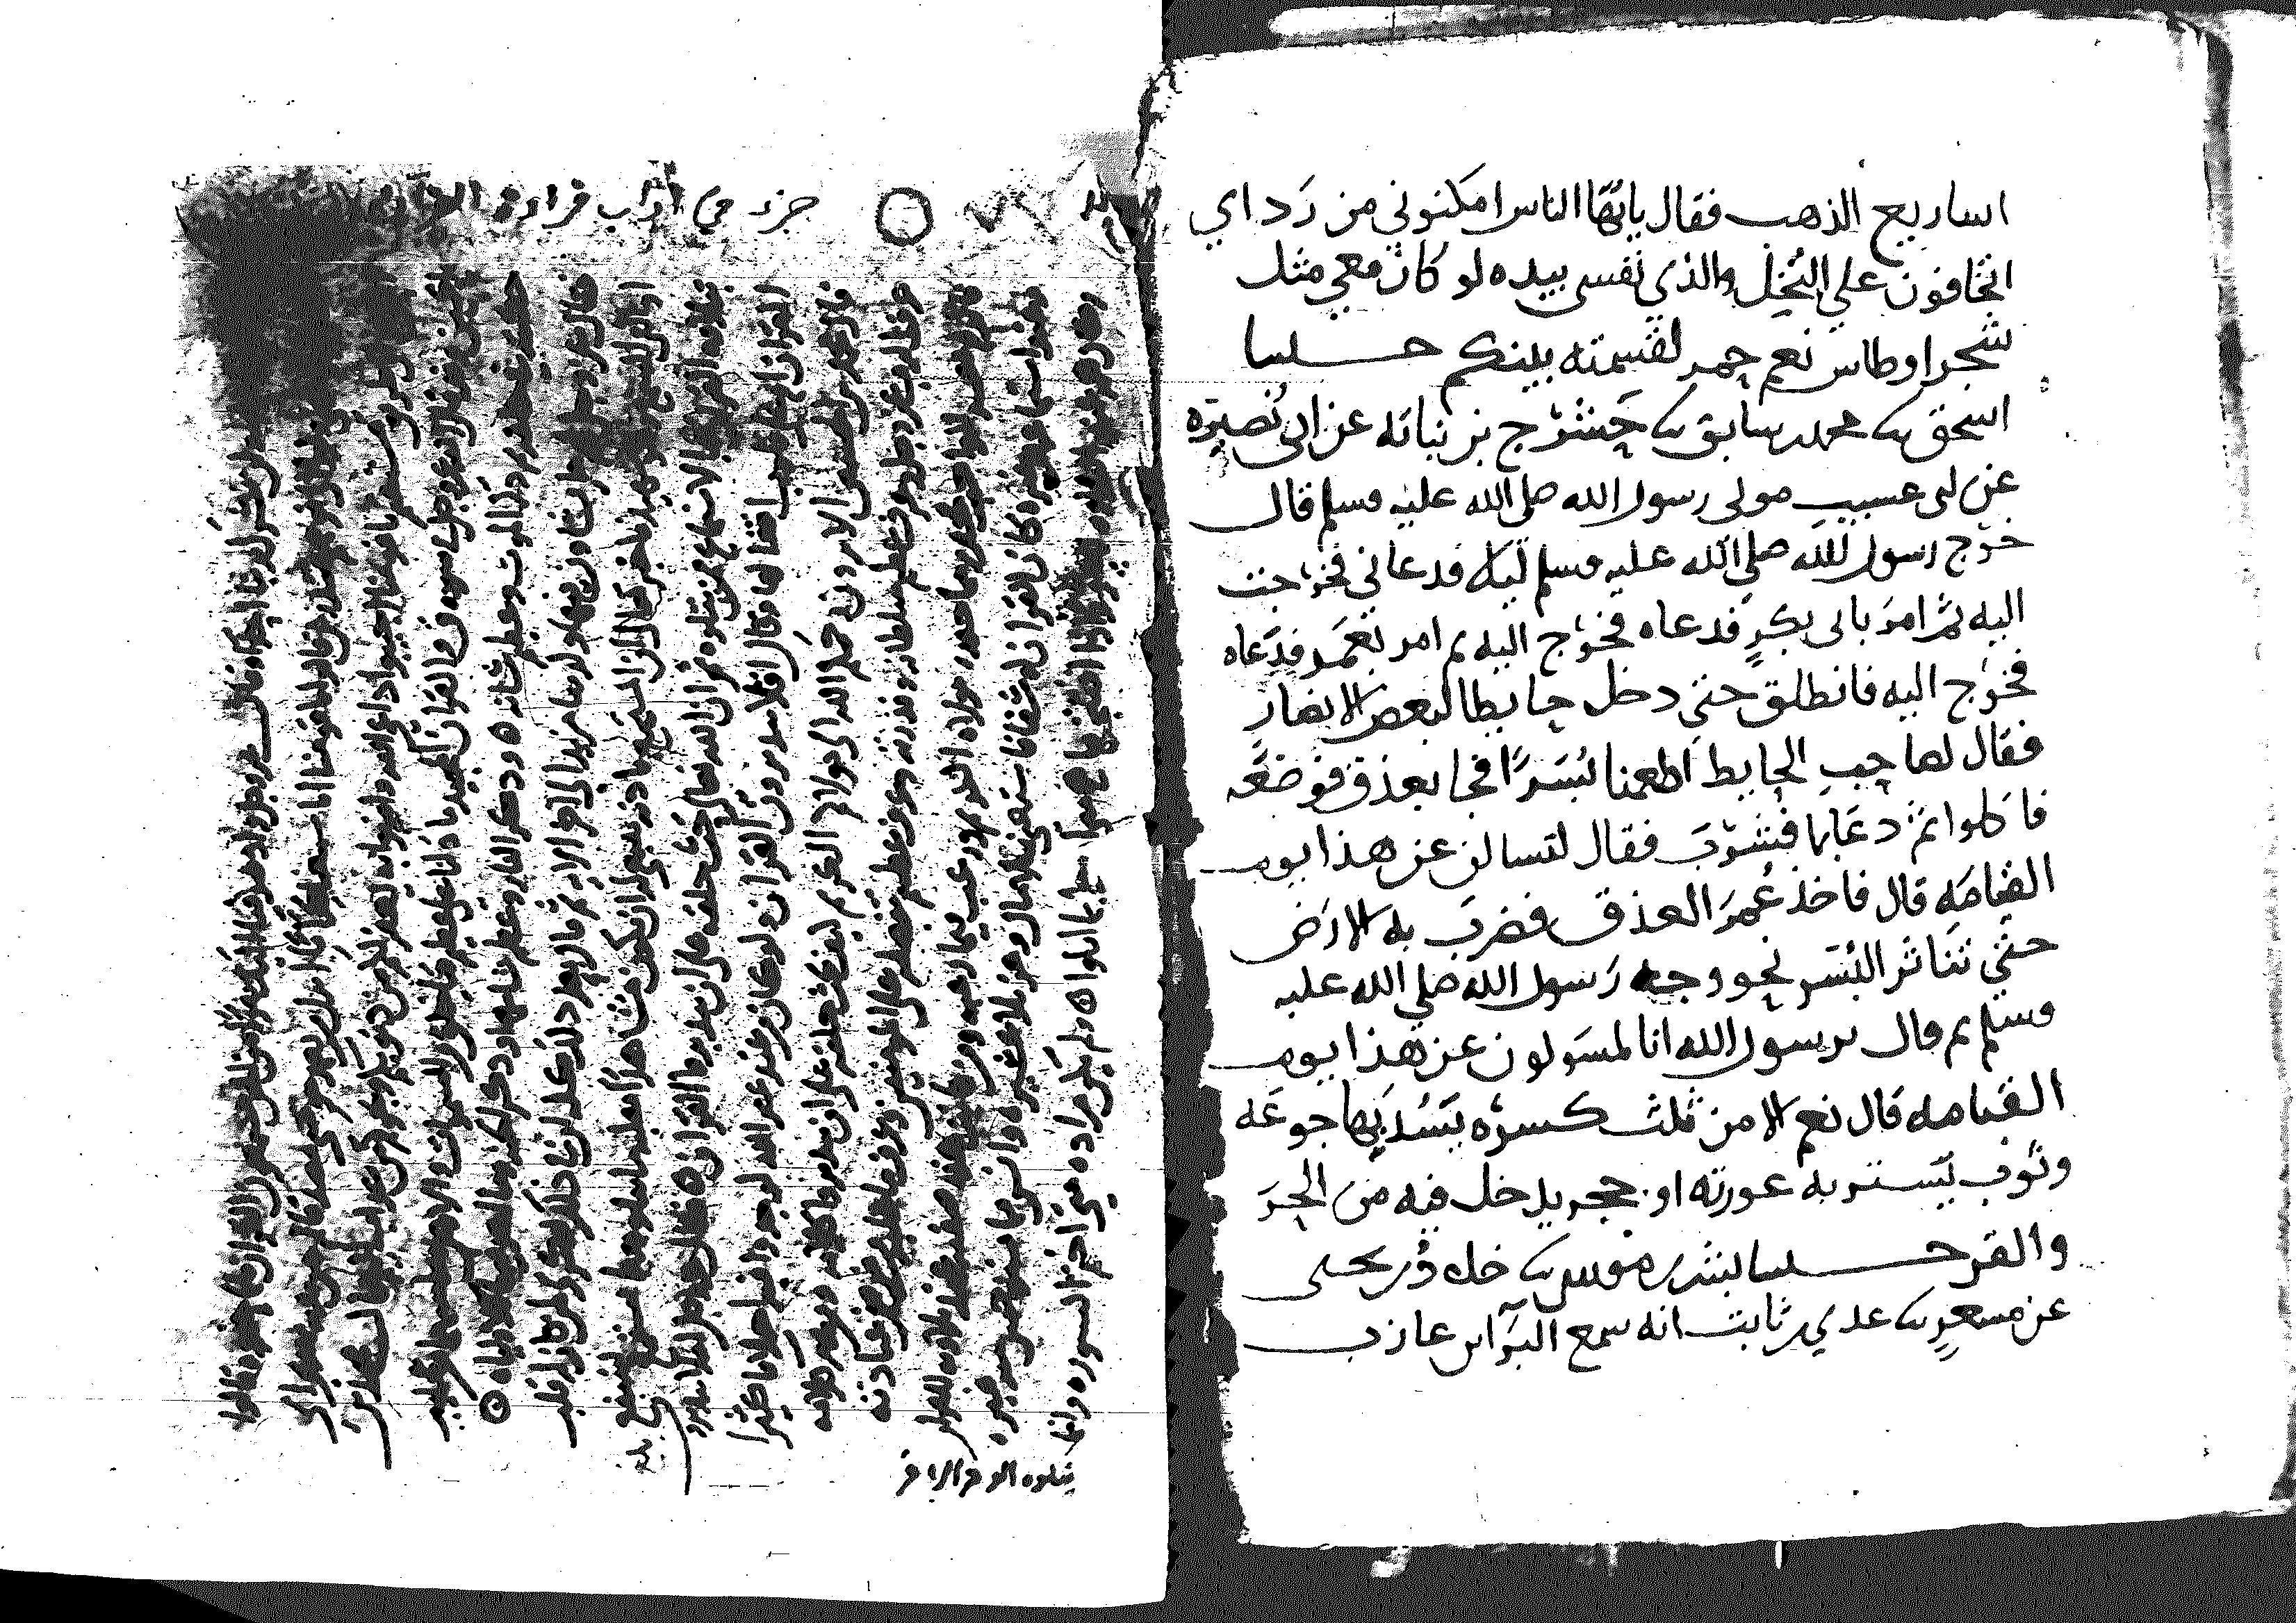 تحميل كتاب آداب حملة القرآن (نسخة أولى) - الآجري لـِ: الإمام أبو بكر محمد بن الحسين بن عبد الله الآجري البغدادي (ت 360)